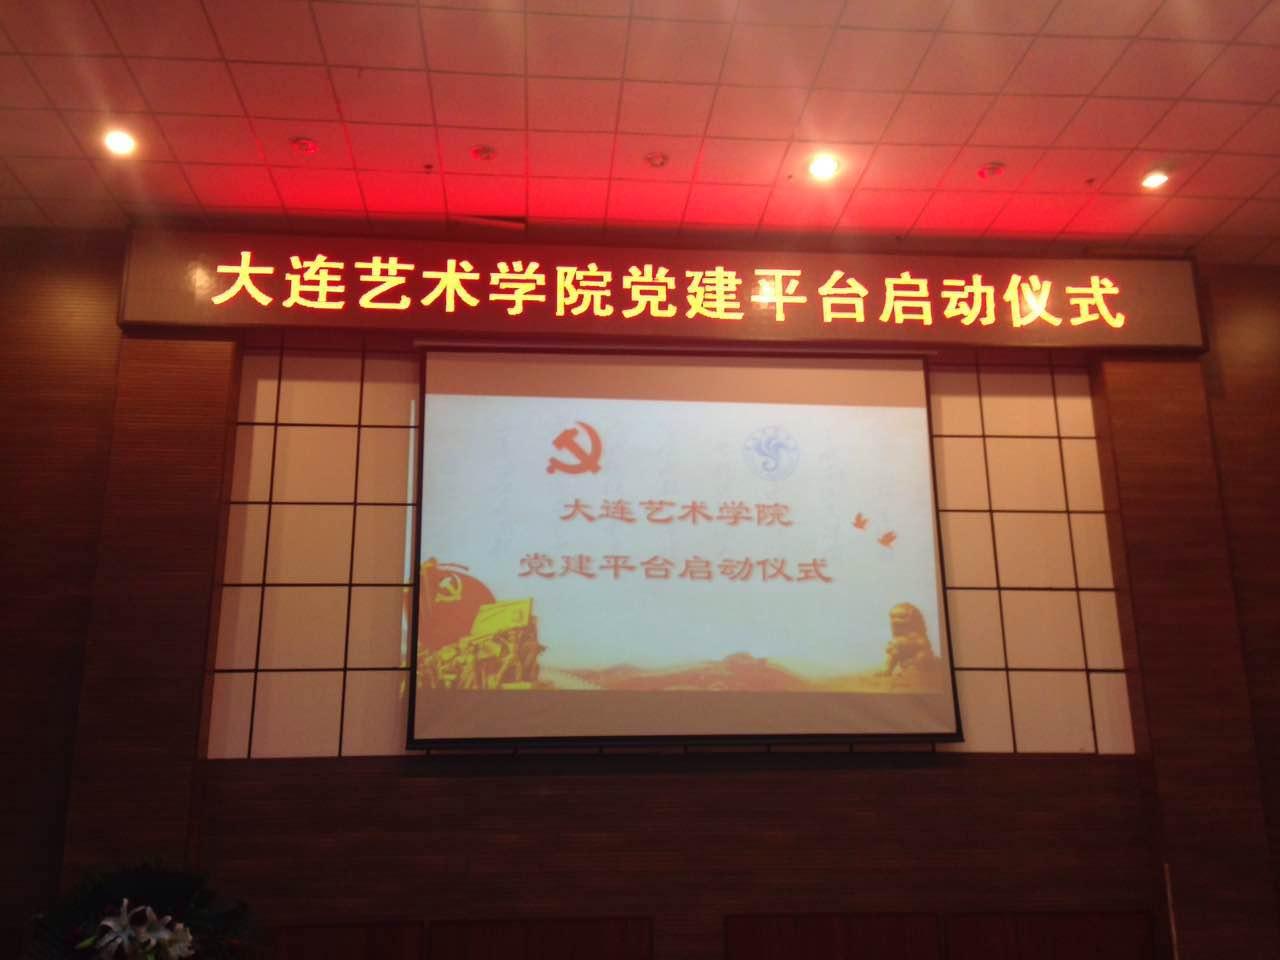 Sooc瘦课网&大连艺术学院党建云平台正式启动